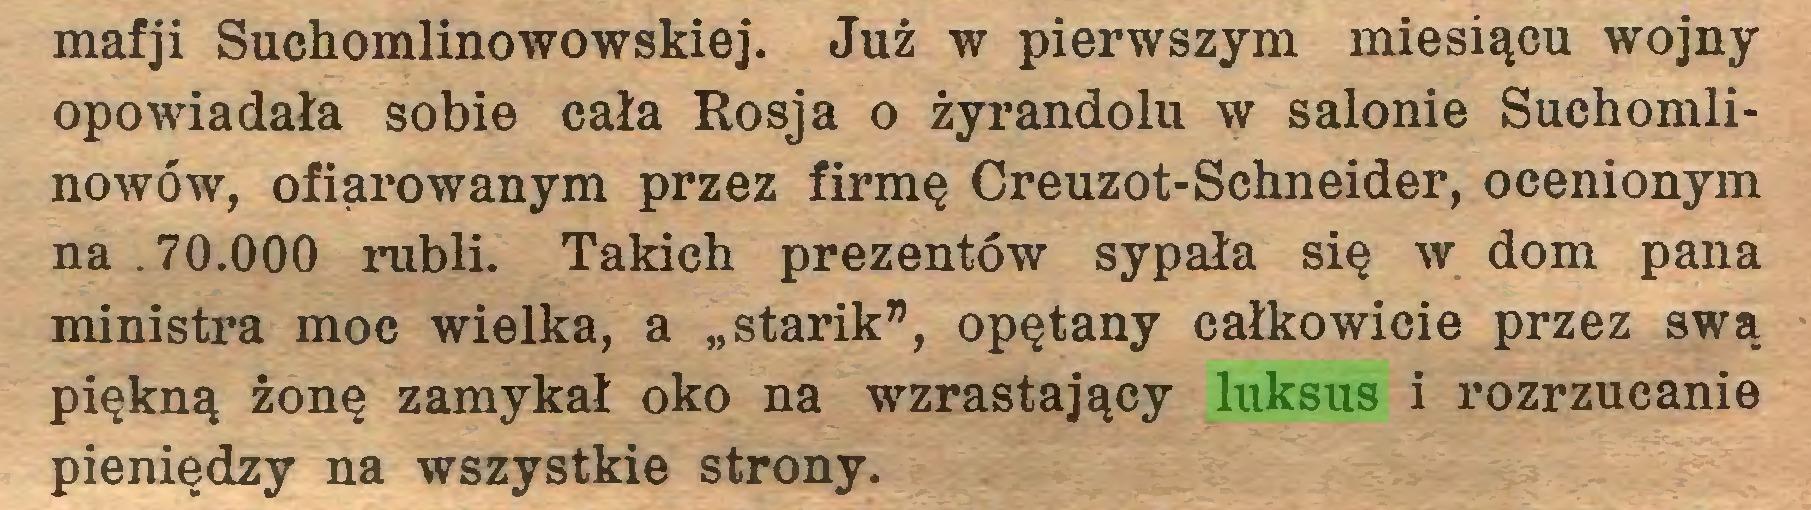 """(...) mafji Suchomlinowowskiej. Już w pierwszym miesiącu wojny opowiadała sobie cała Rosja o żyrandolu w salonie Suchomlinowów, ofiarowanym przez firmę Creuzot-Schneider, ocenionym na .70.000 rubli. Takich prezentów sypała się w dom pana ministra moc wielka, a """"starik"""", opętany całkowicie przez swą piękną żonę zamykał oko na wzrastający luksus i rozrzucanie pieniędzy na wszystkie strony..."""